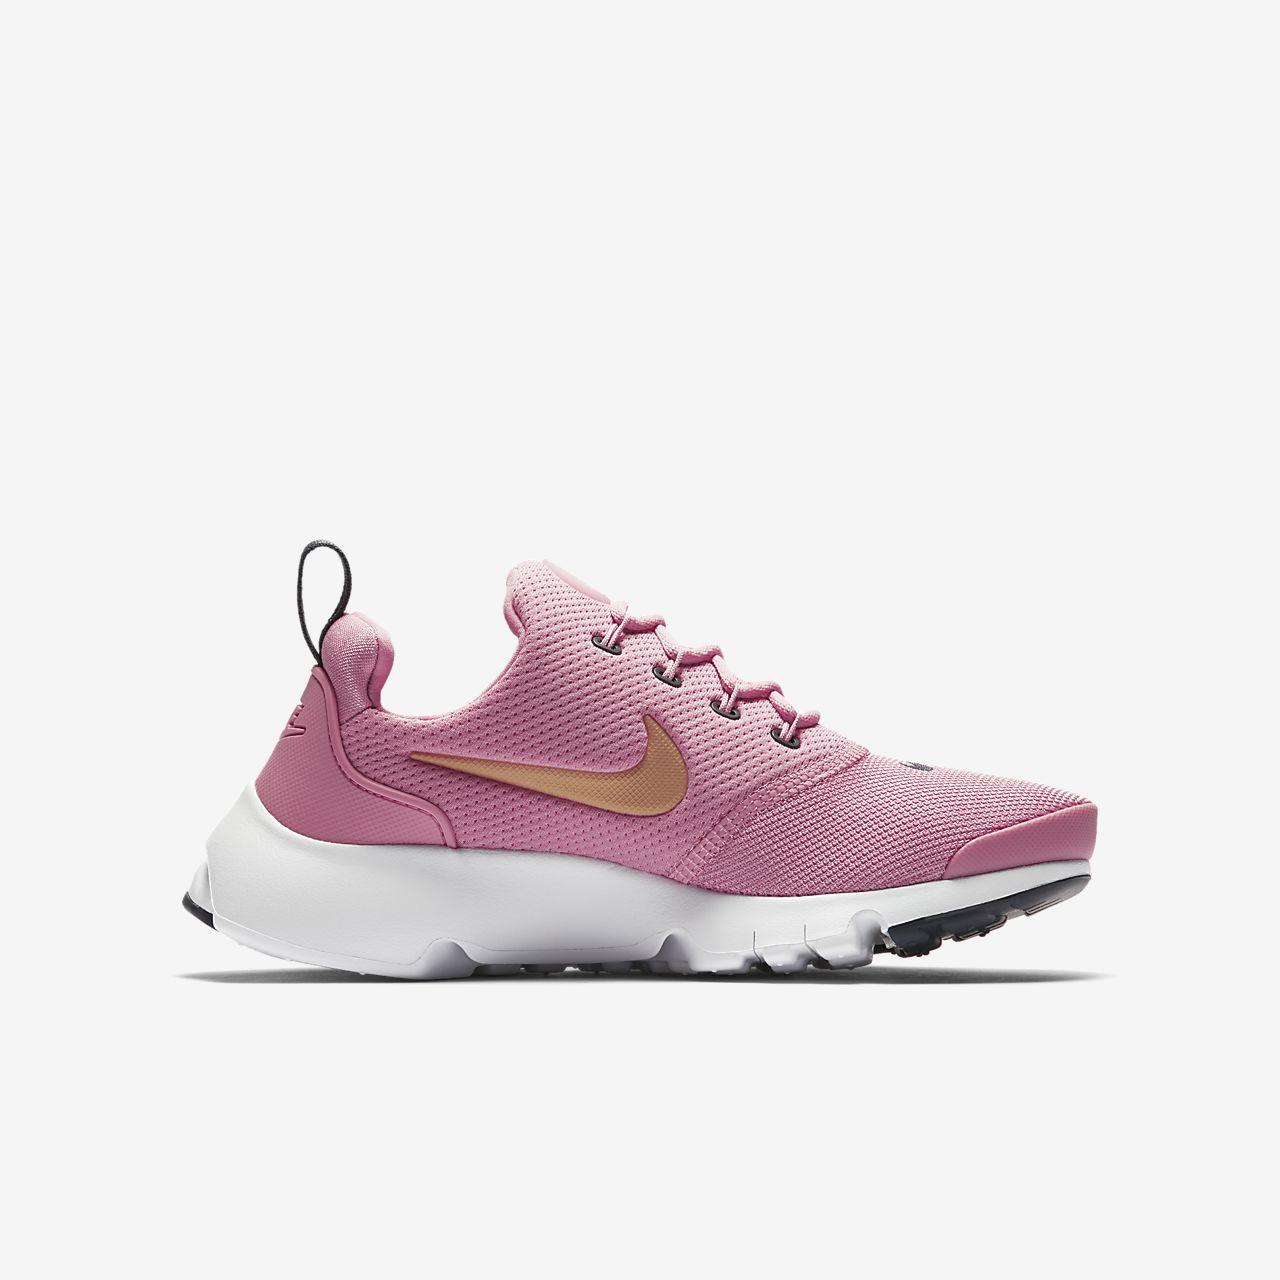 5f2e319198a4 Nike Presto Fly Older Kids  Shoe. Nike.com SA